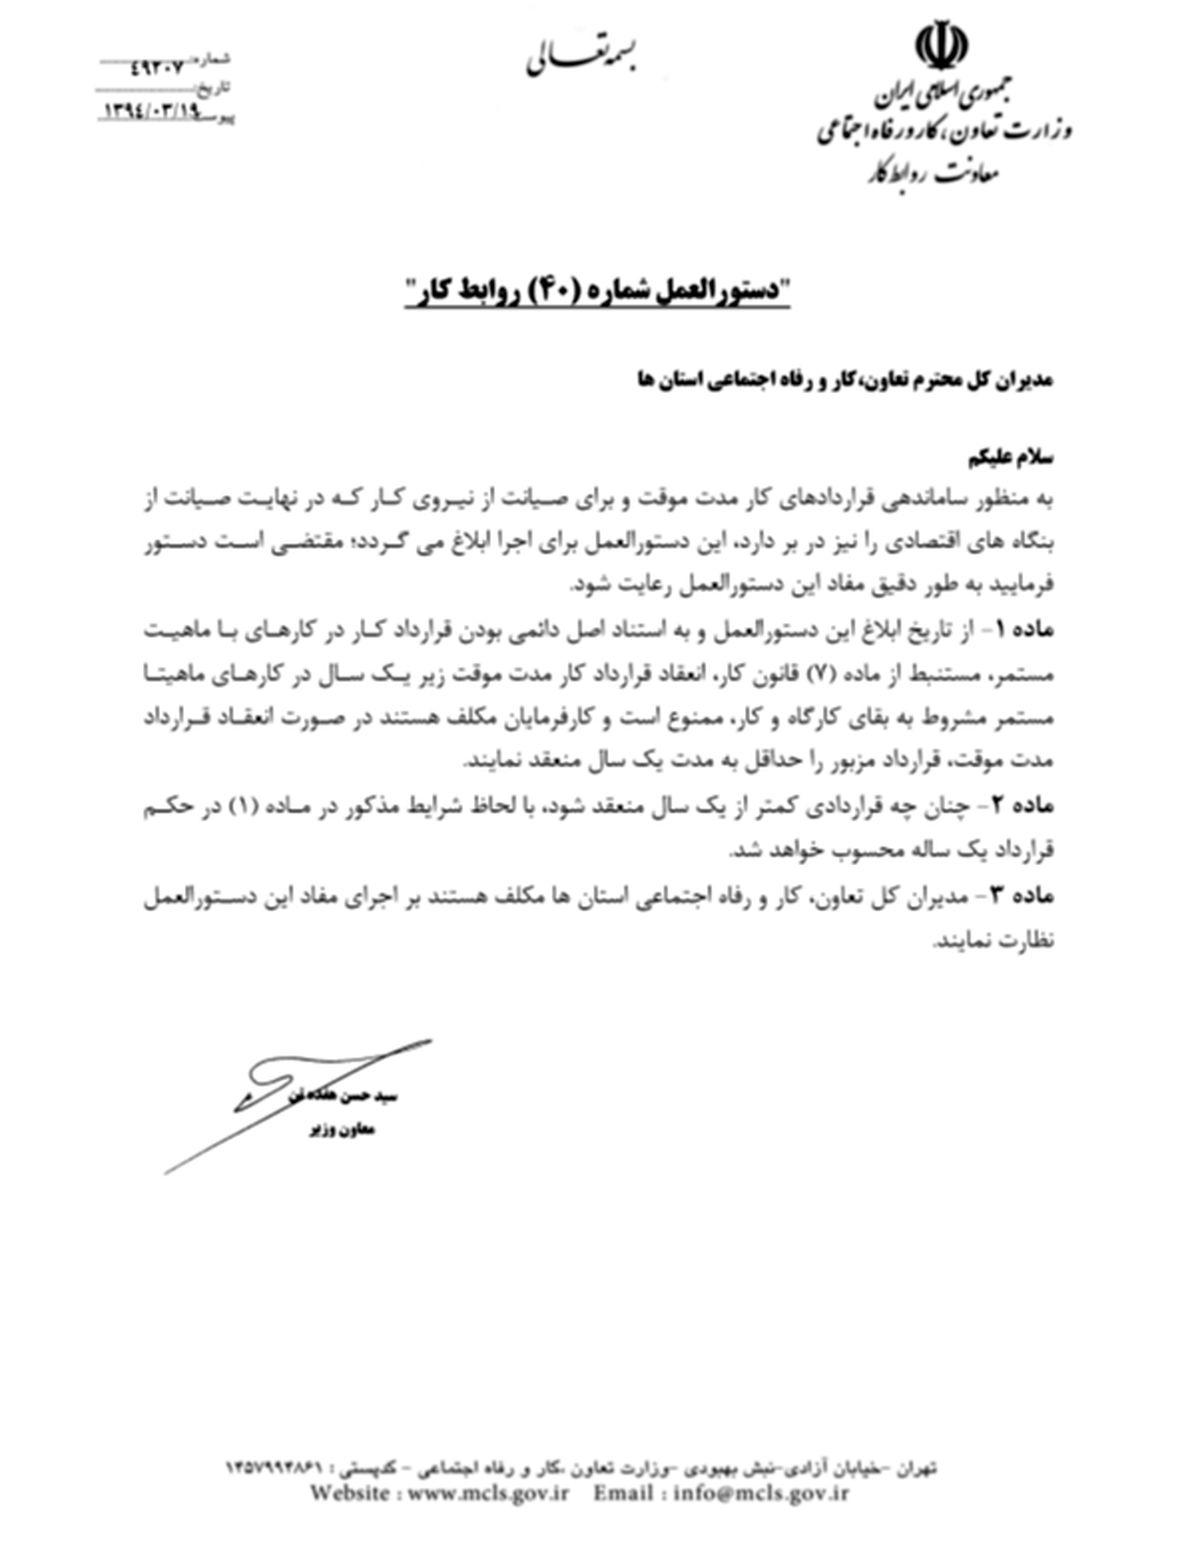 انعقاد قراردادهای یکماهه با کارگران!/نقض آشکار ابلاغیه وزارت کار